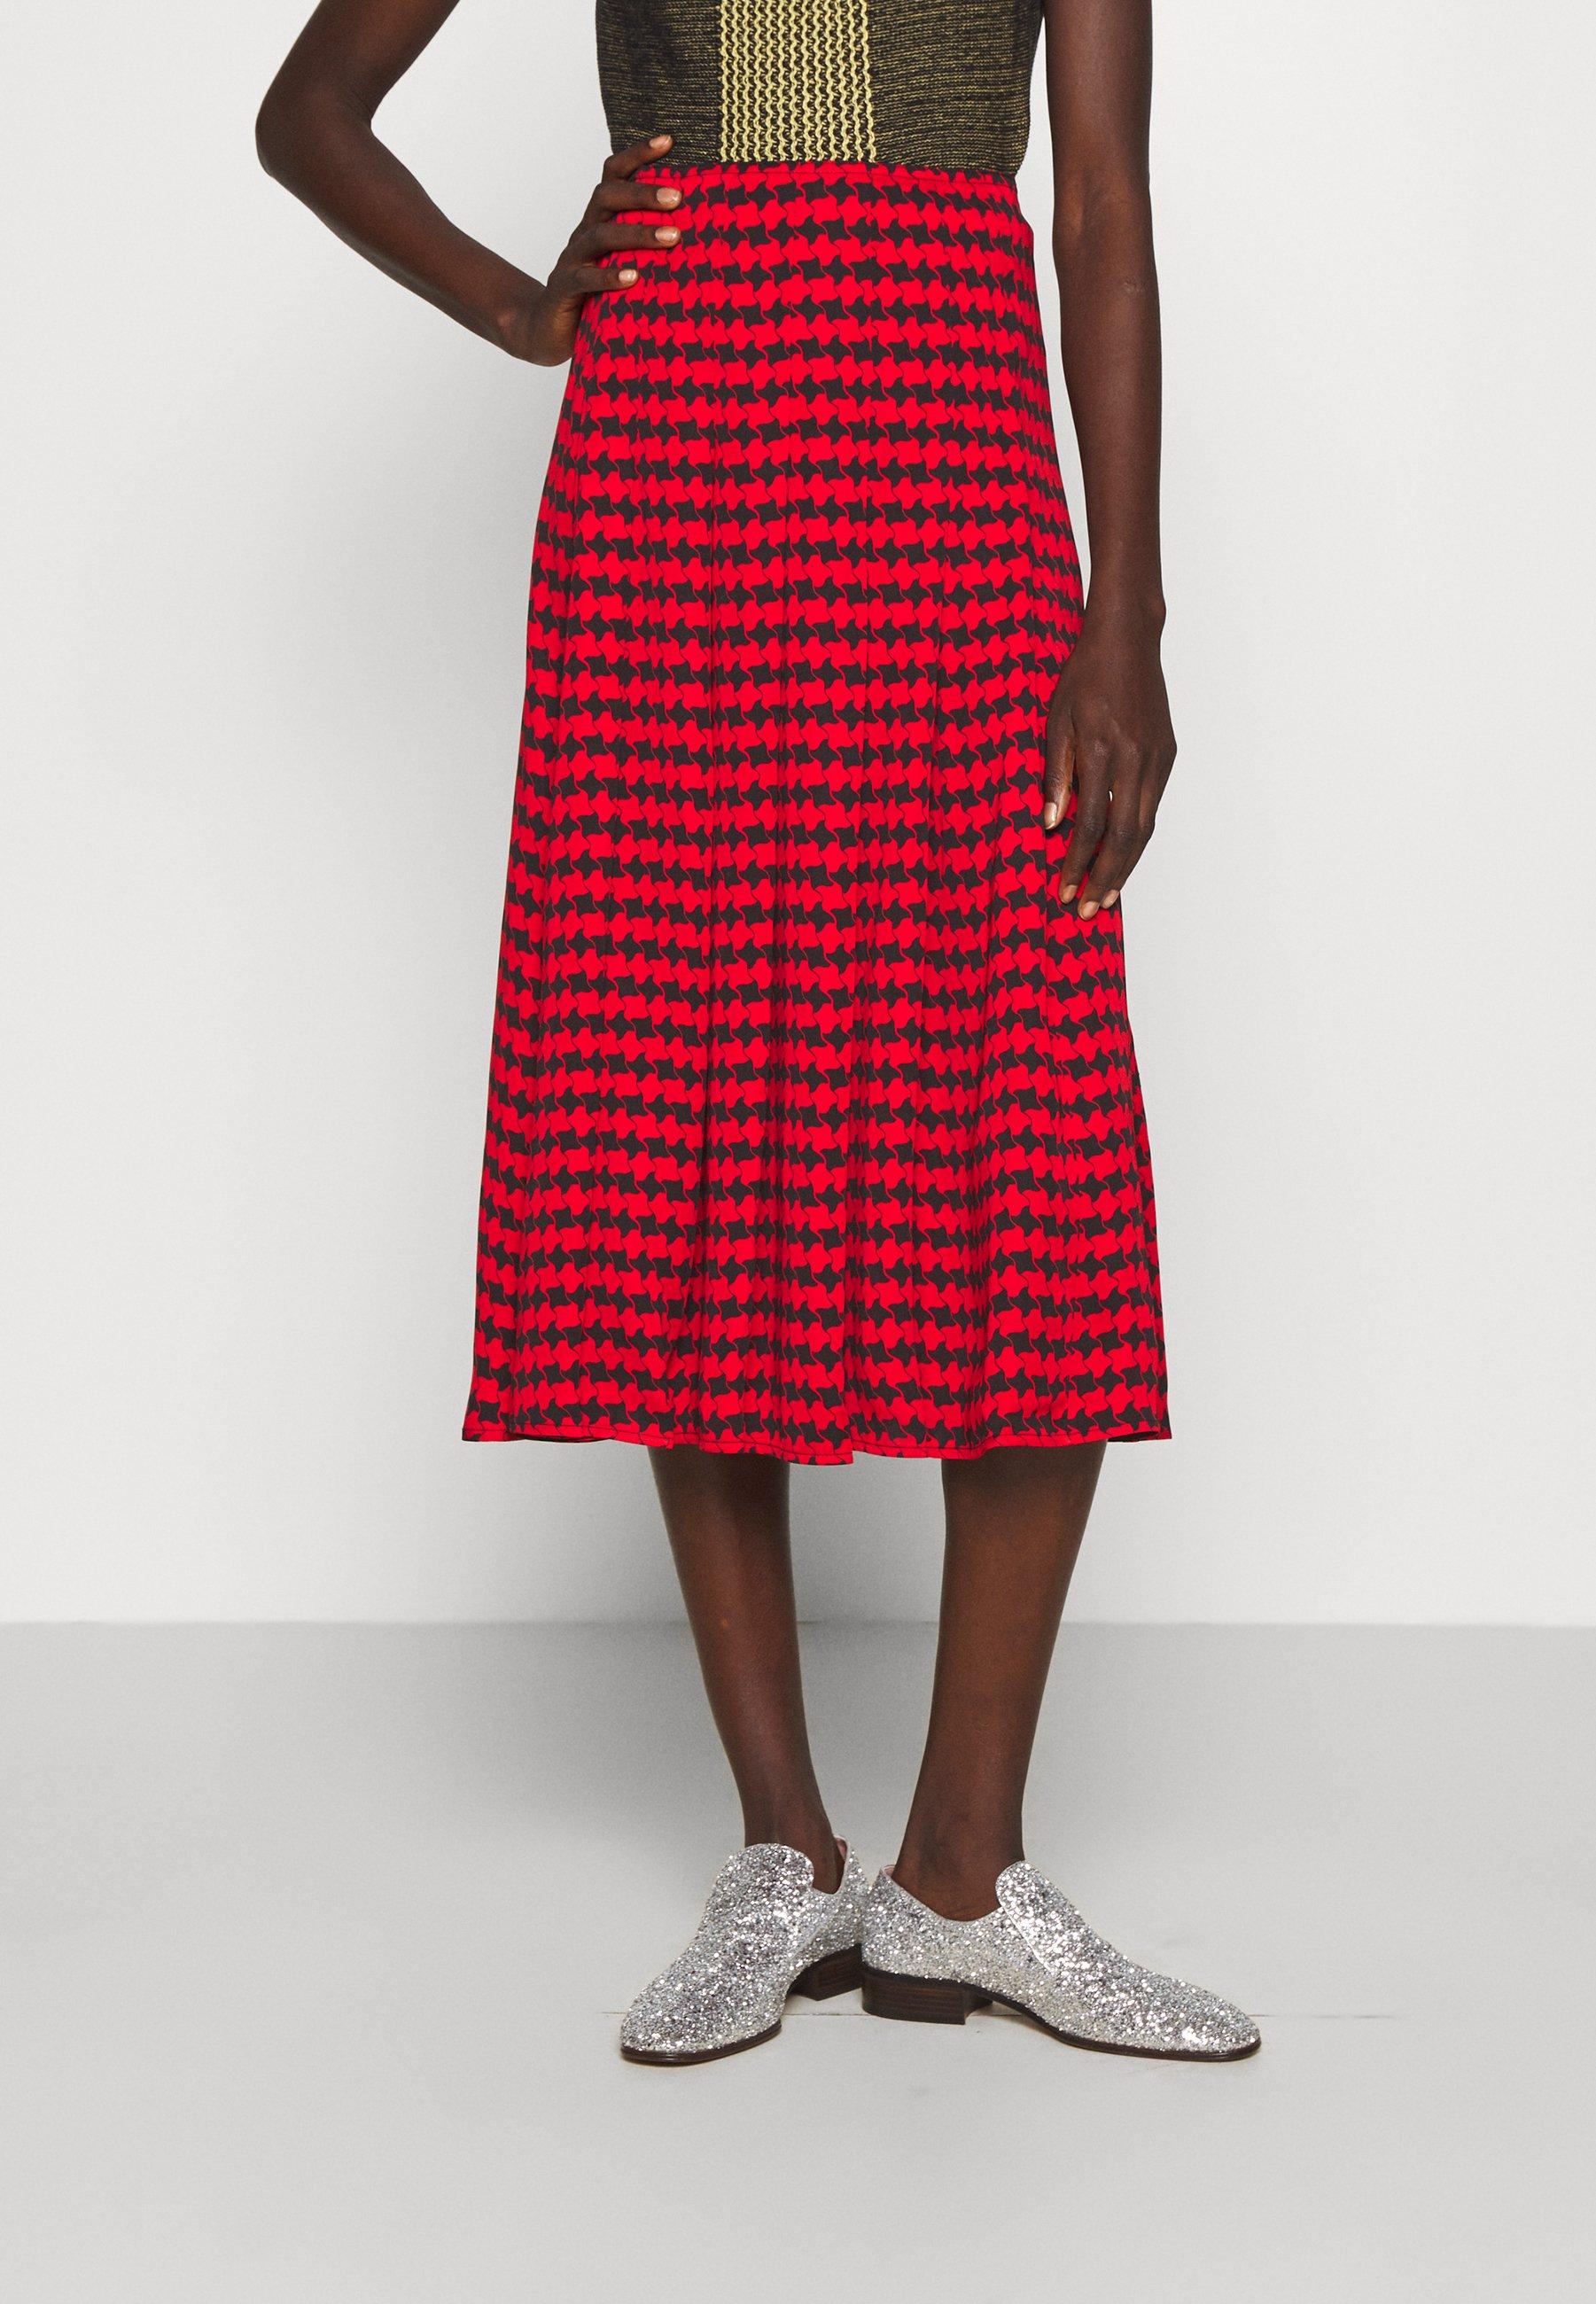 Women PLEATED SKIRT - Pleated skirt - red/black